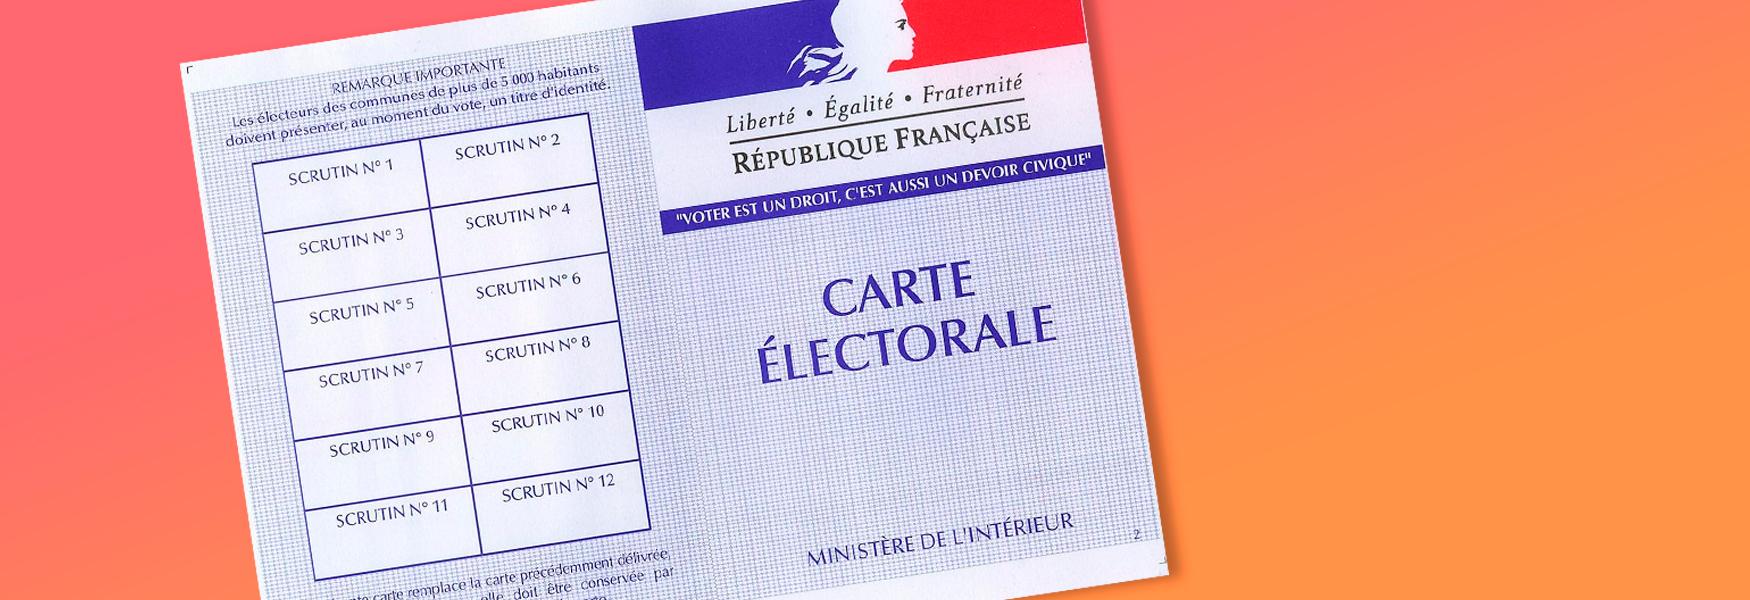 Nouveauté : vérifiez votre inscription électorale